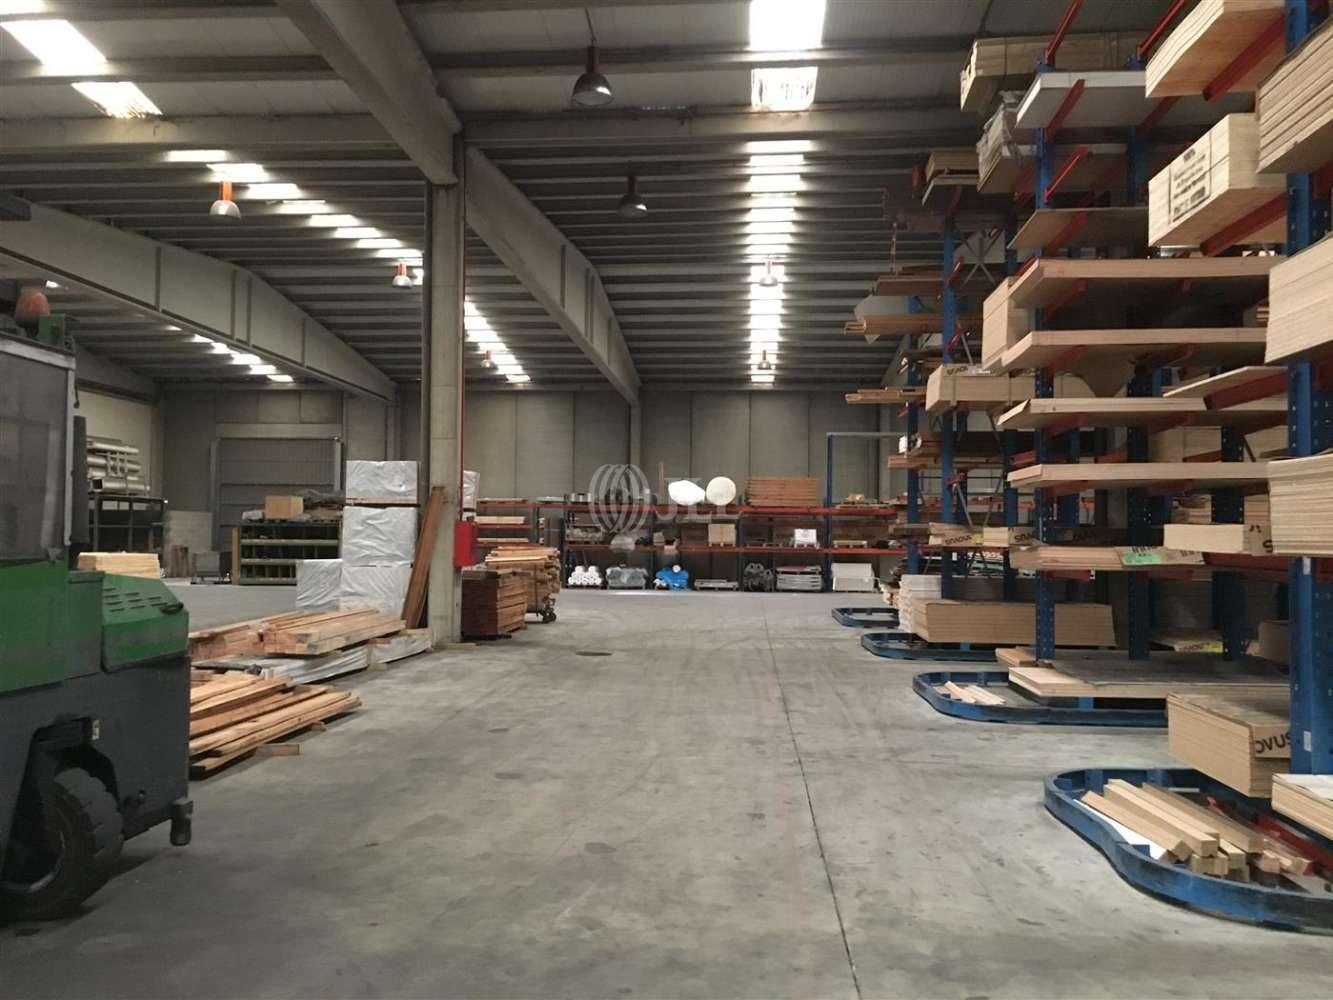 Naves industriales y logísticas Burgos, 09001 - Nave Industrial - B0489 NAVE INDUSTRIAL EN ALQUILER / VENTA - Pol. Ind. Villalonquéjar - BURGOS - 16914